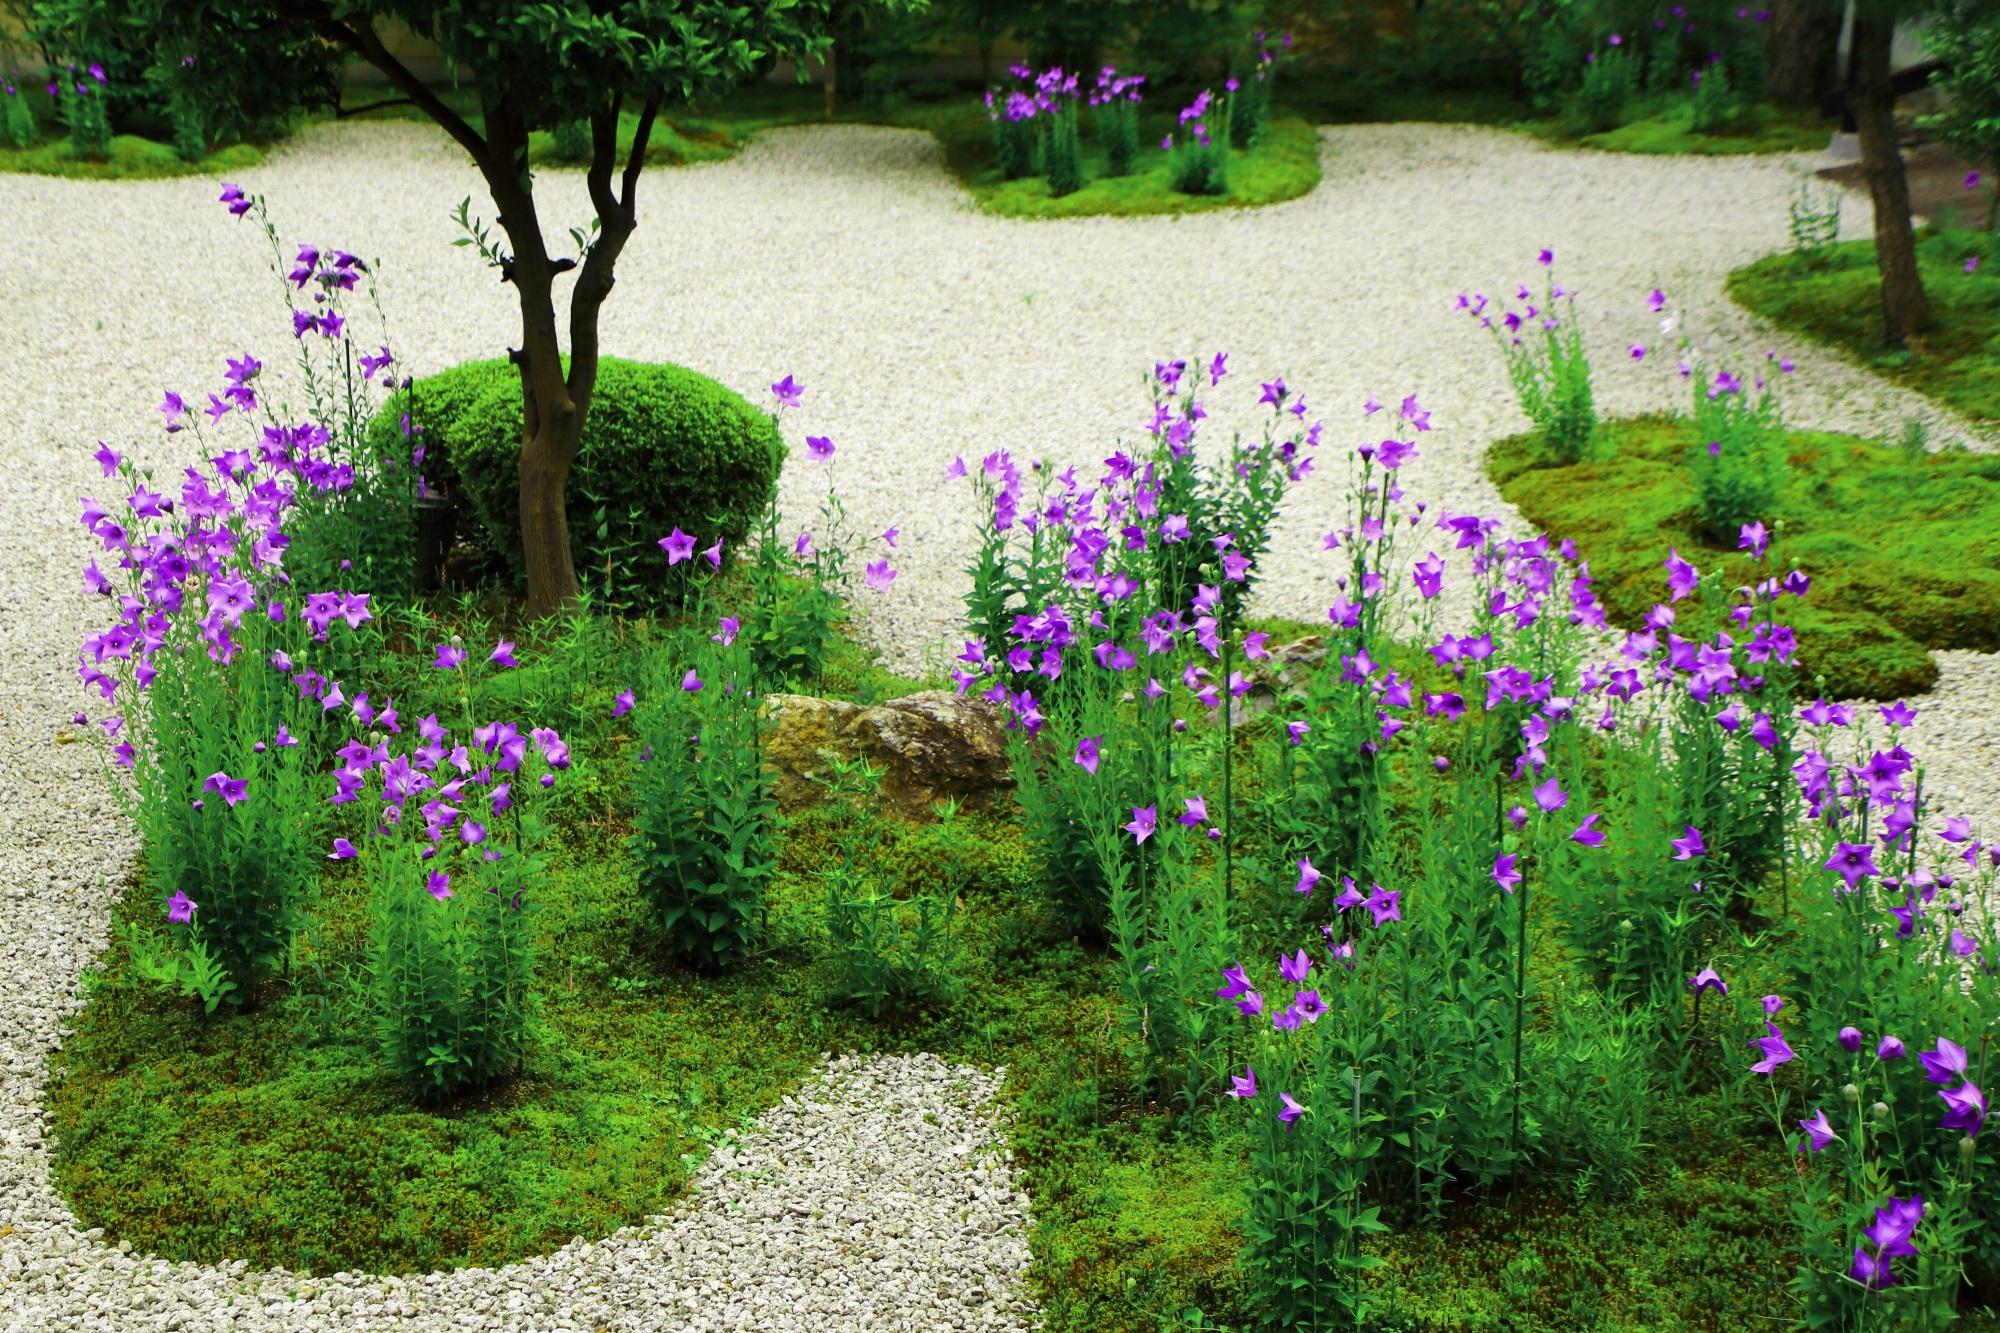 緑があってこそ美しい廬山寺の桔梗(ききょう)